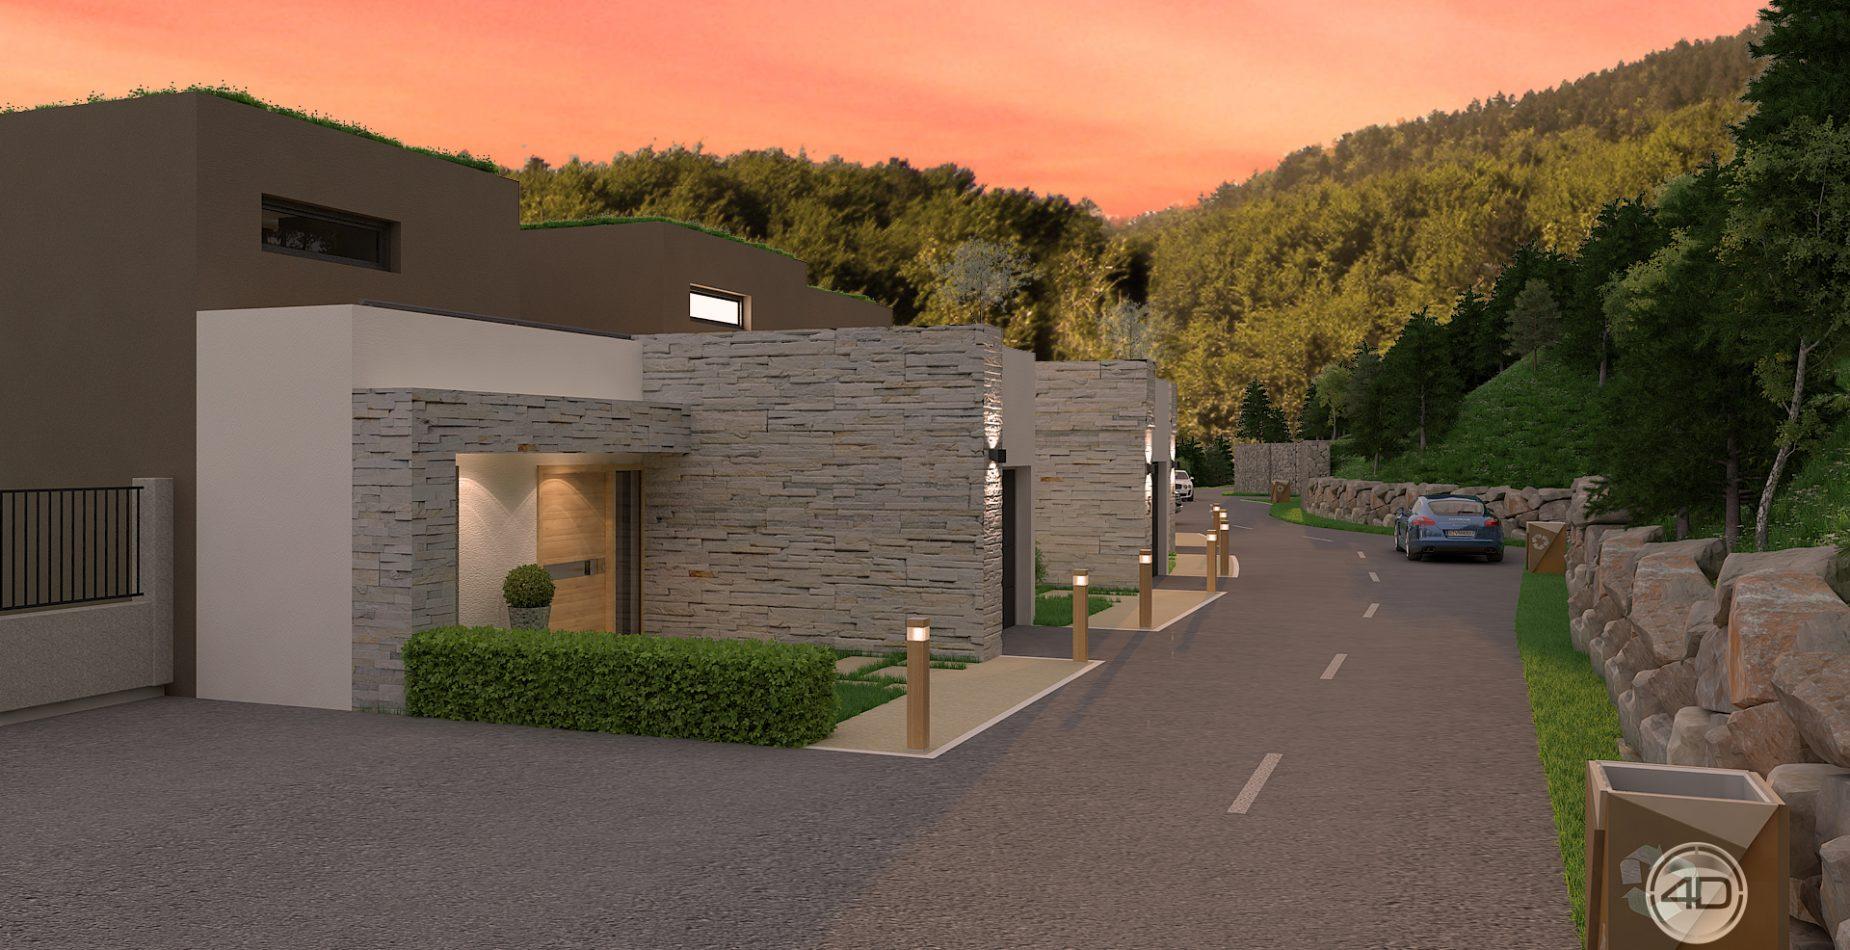 Edificio_4D-univers-townhouse_lac_annecy_3D-villa_00013